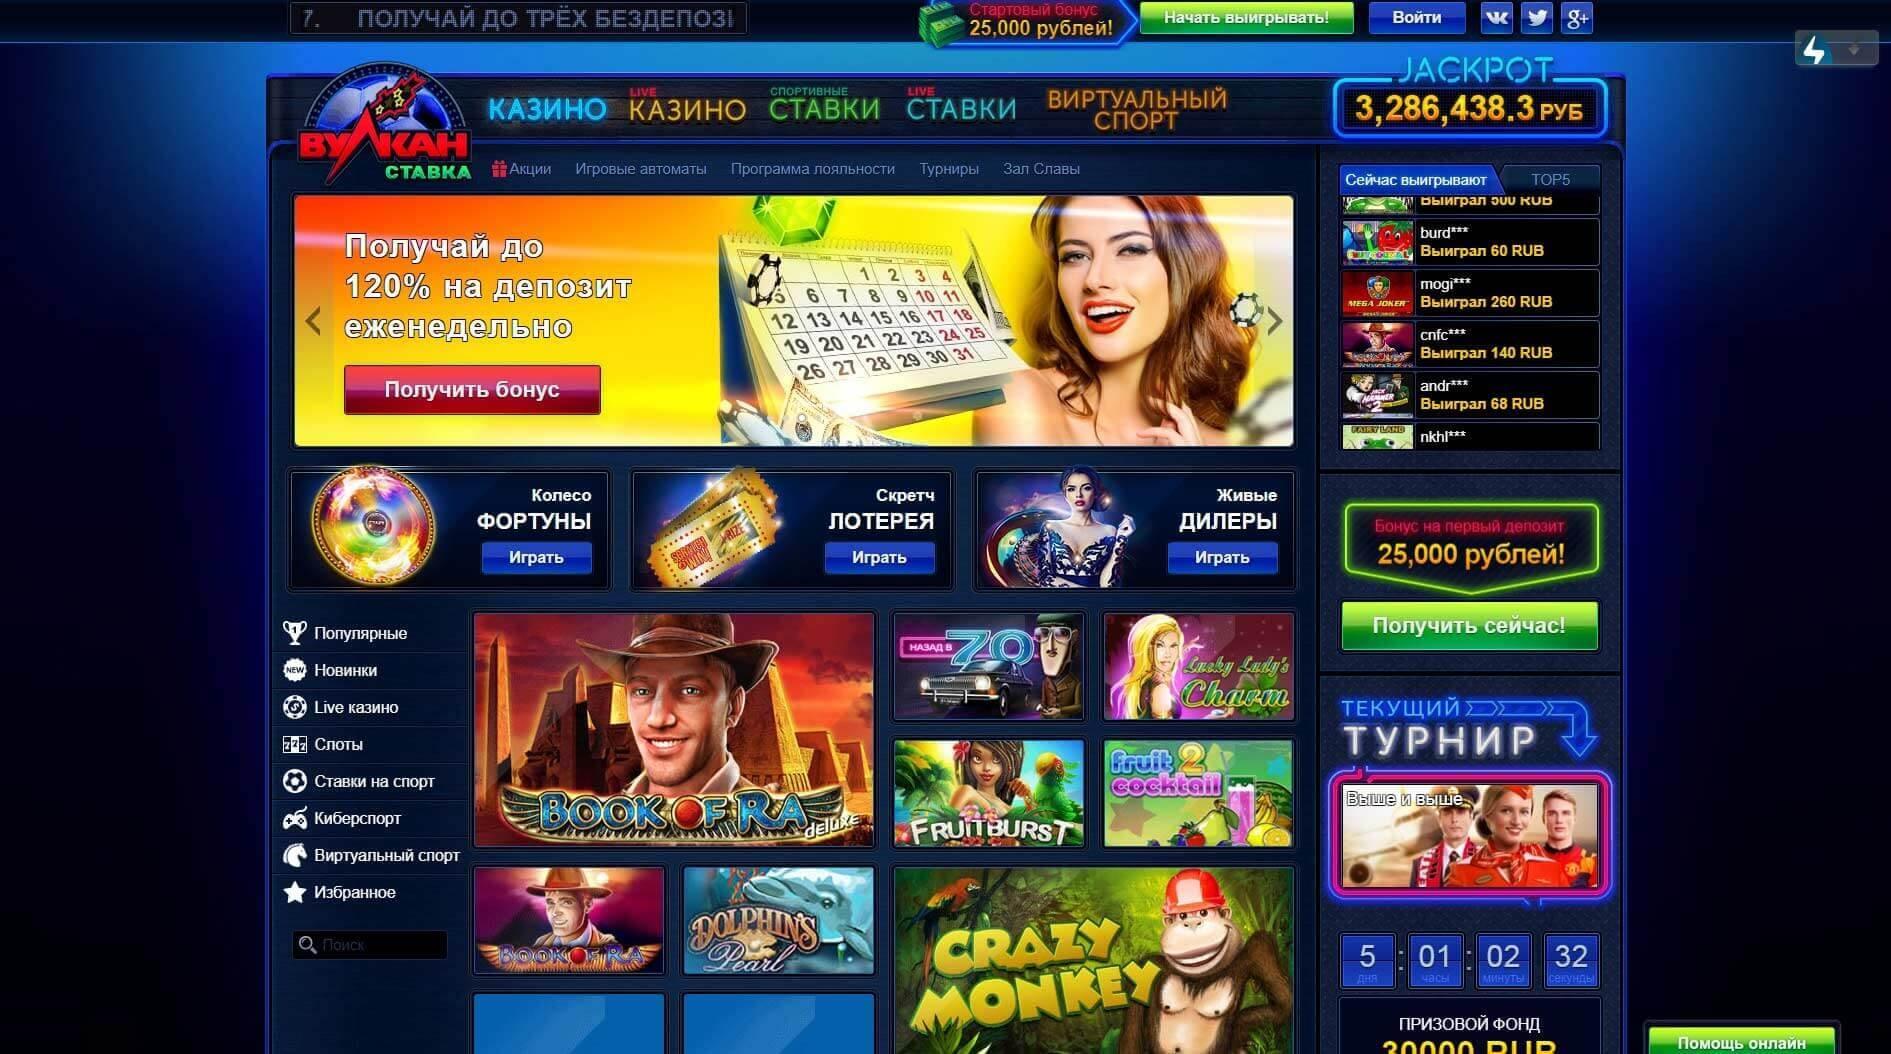 казино вулкан ставки на спорт